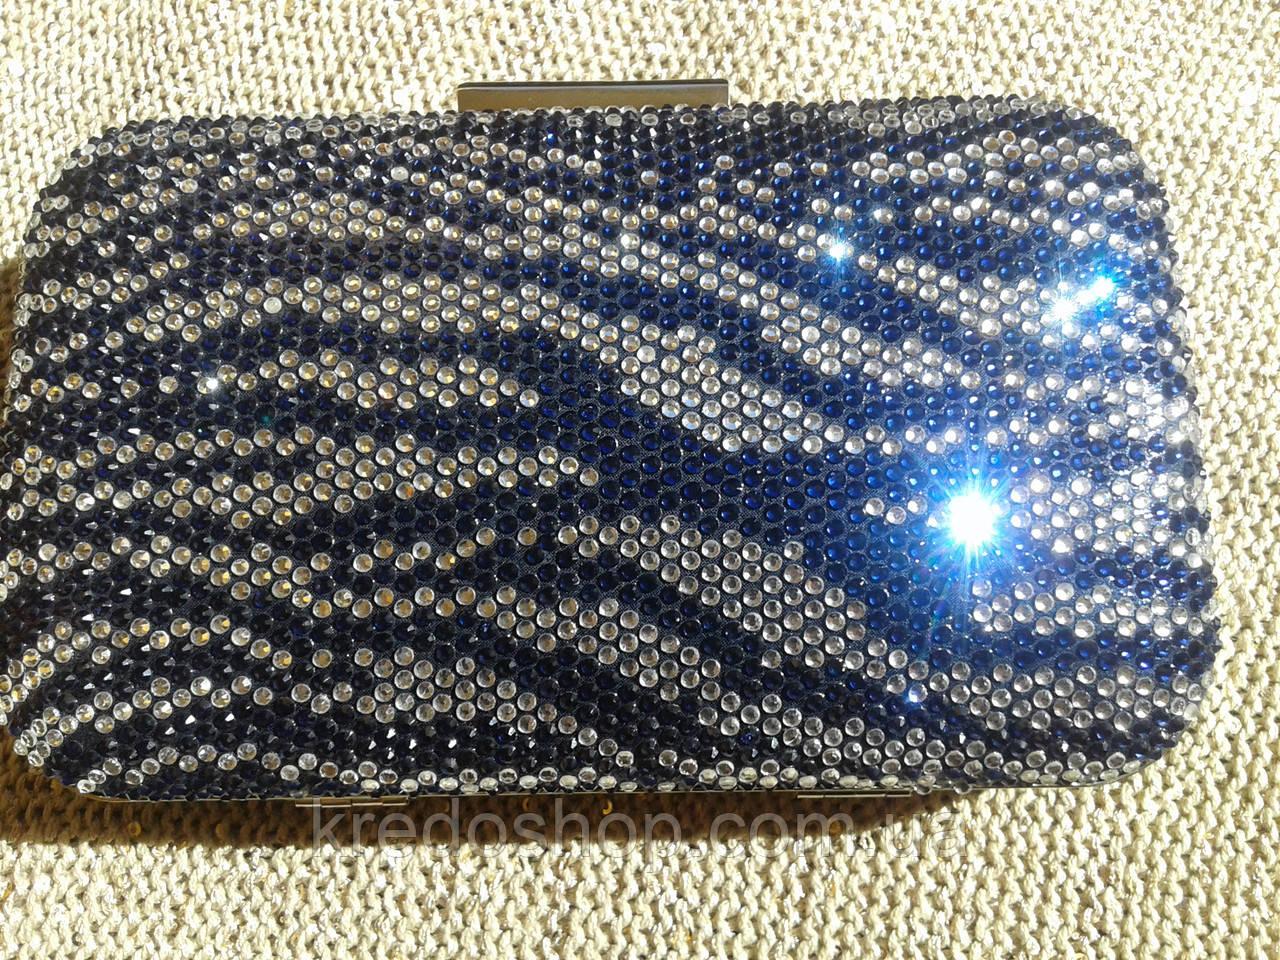 9e51c8b6590b Клатч вечерний стильный с камнями сине-белый.(Tурция): продажа, цена ...